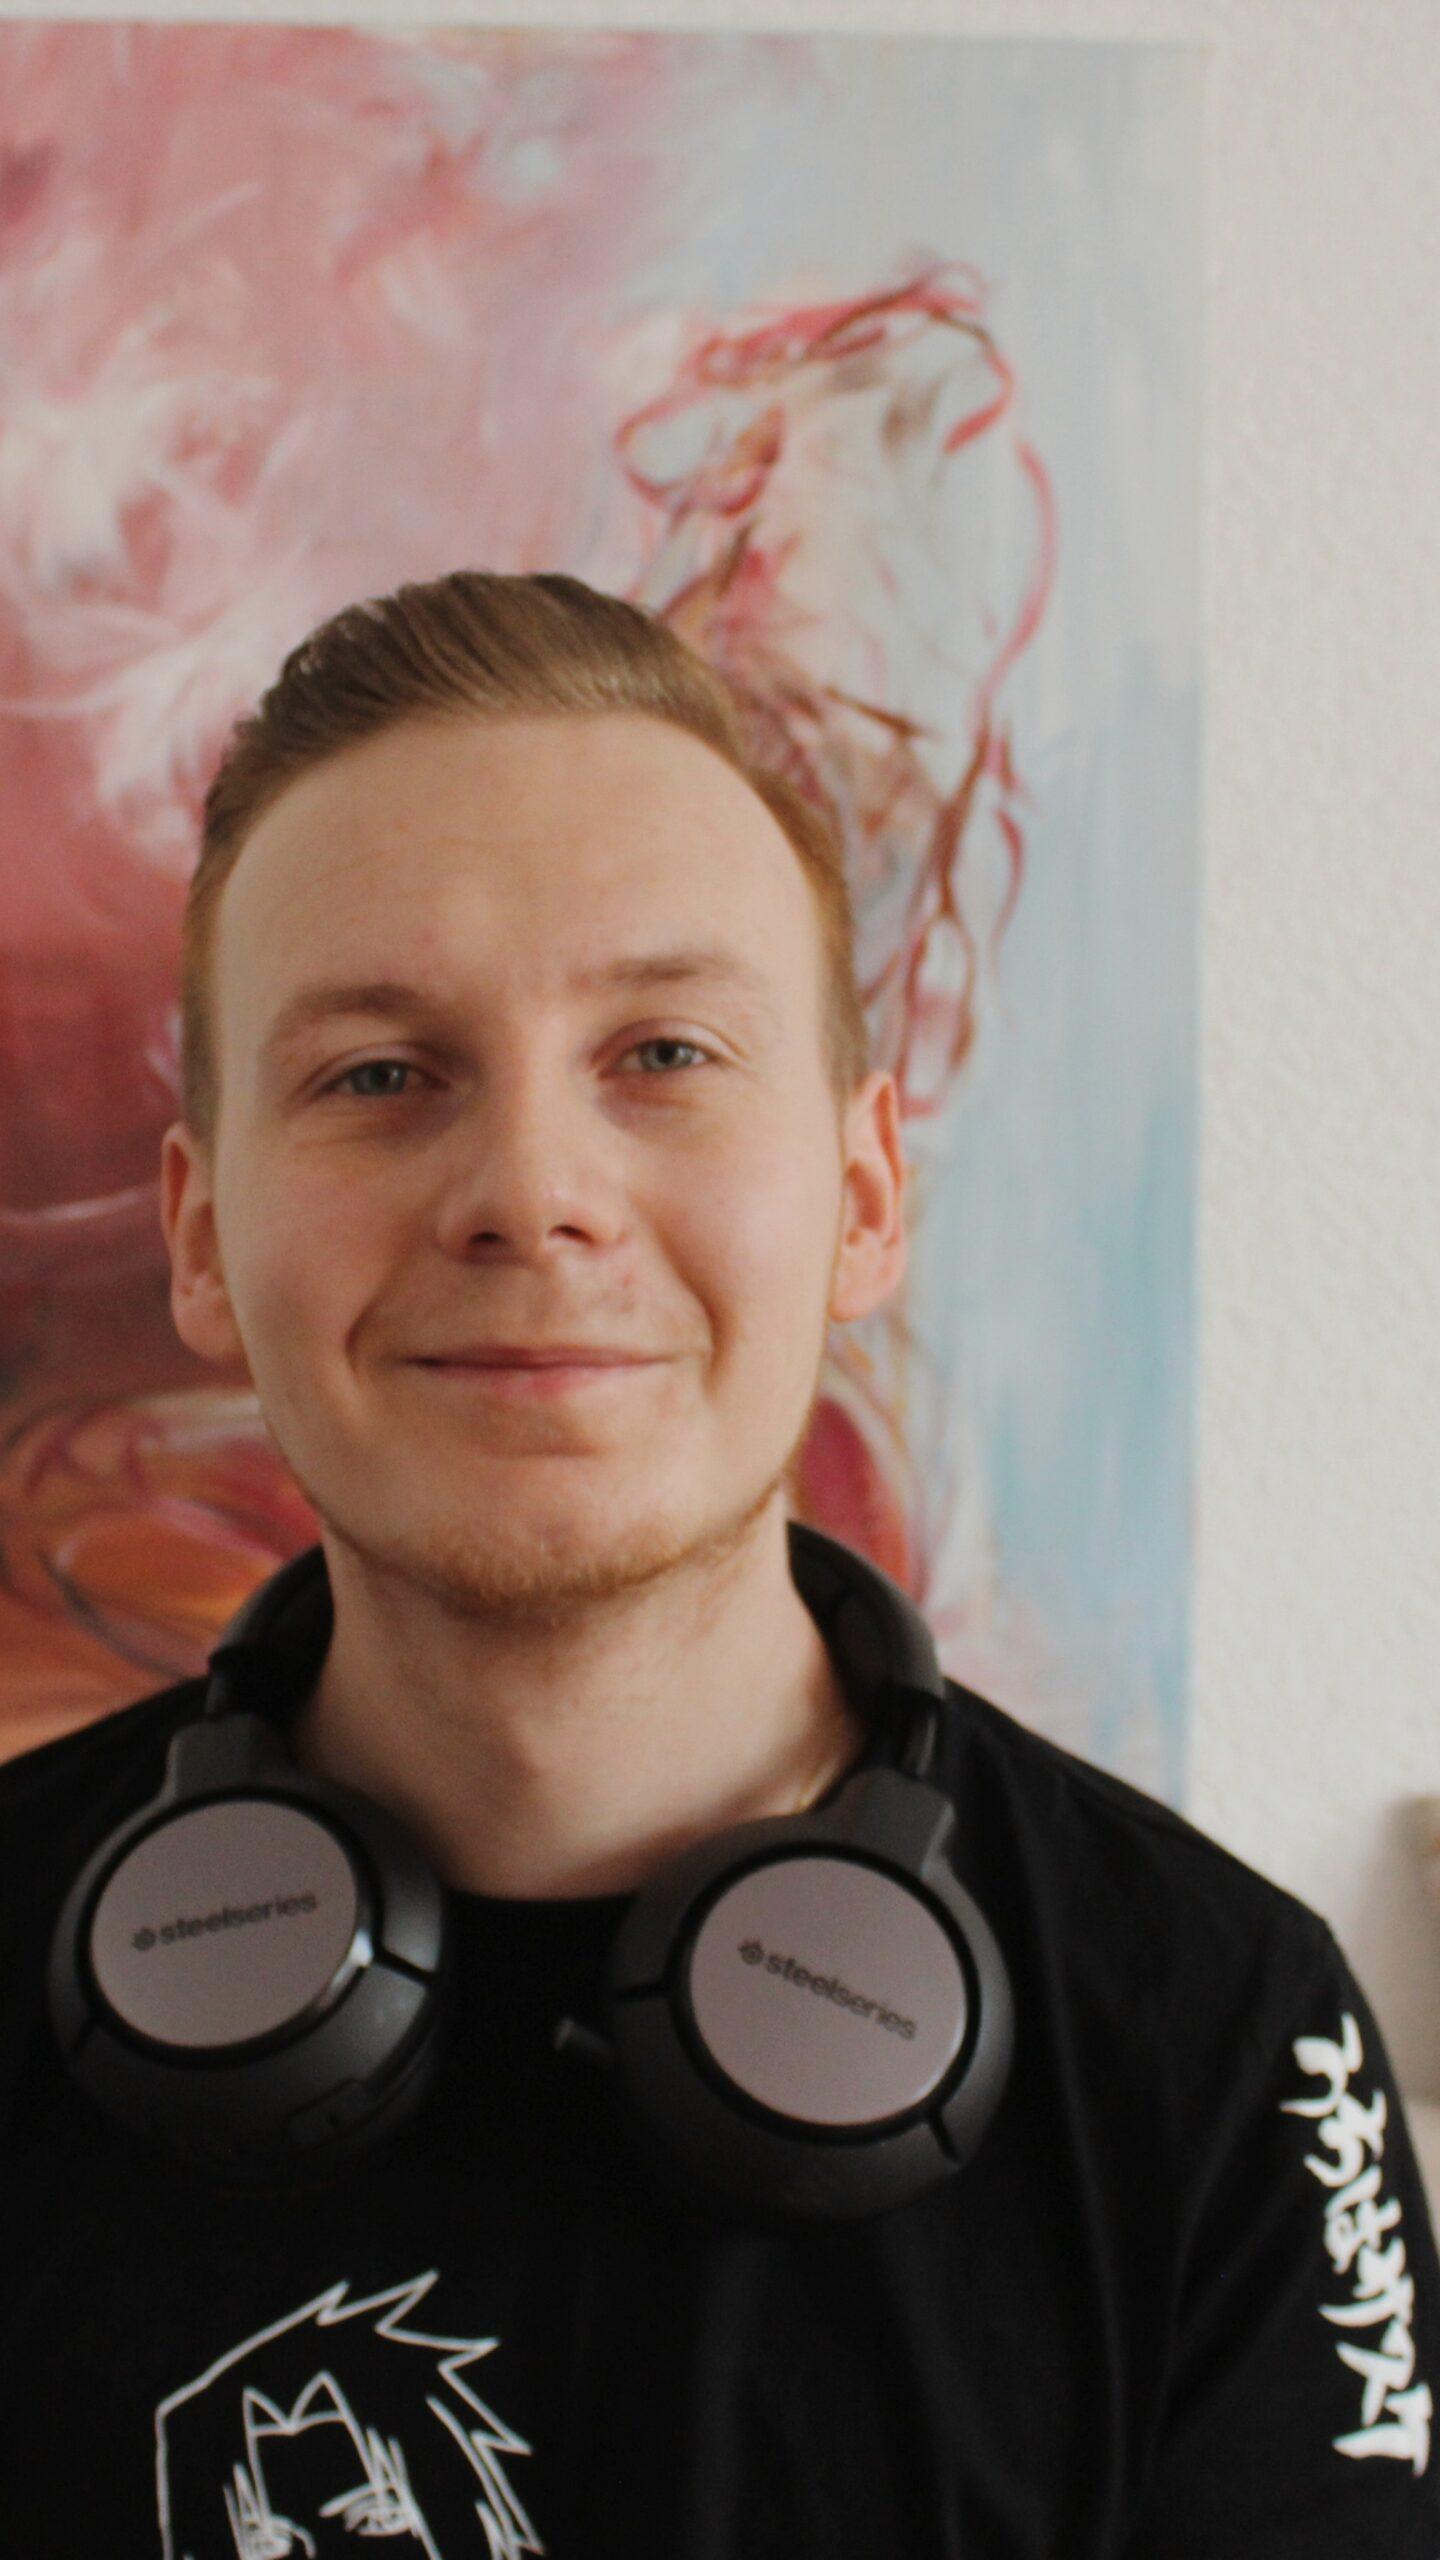 Damian Wożniak